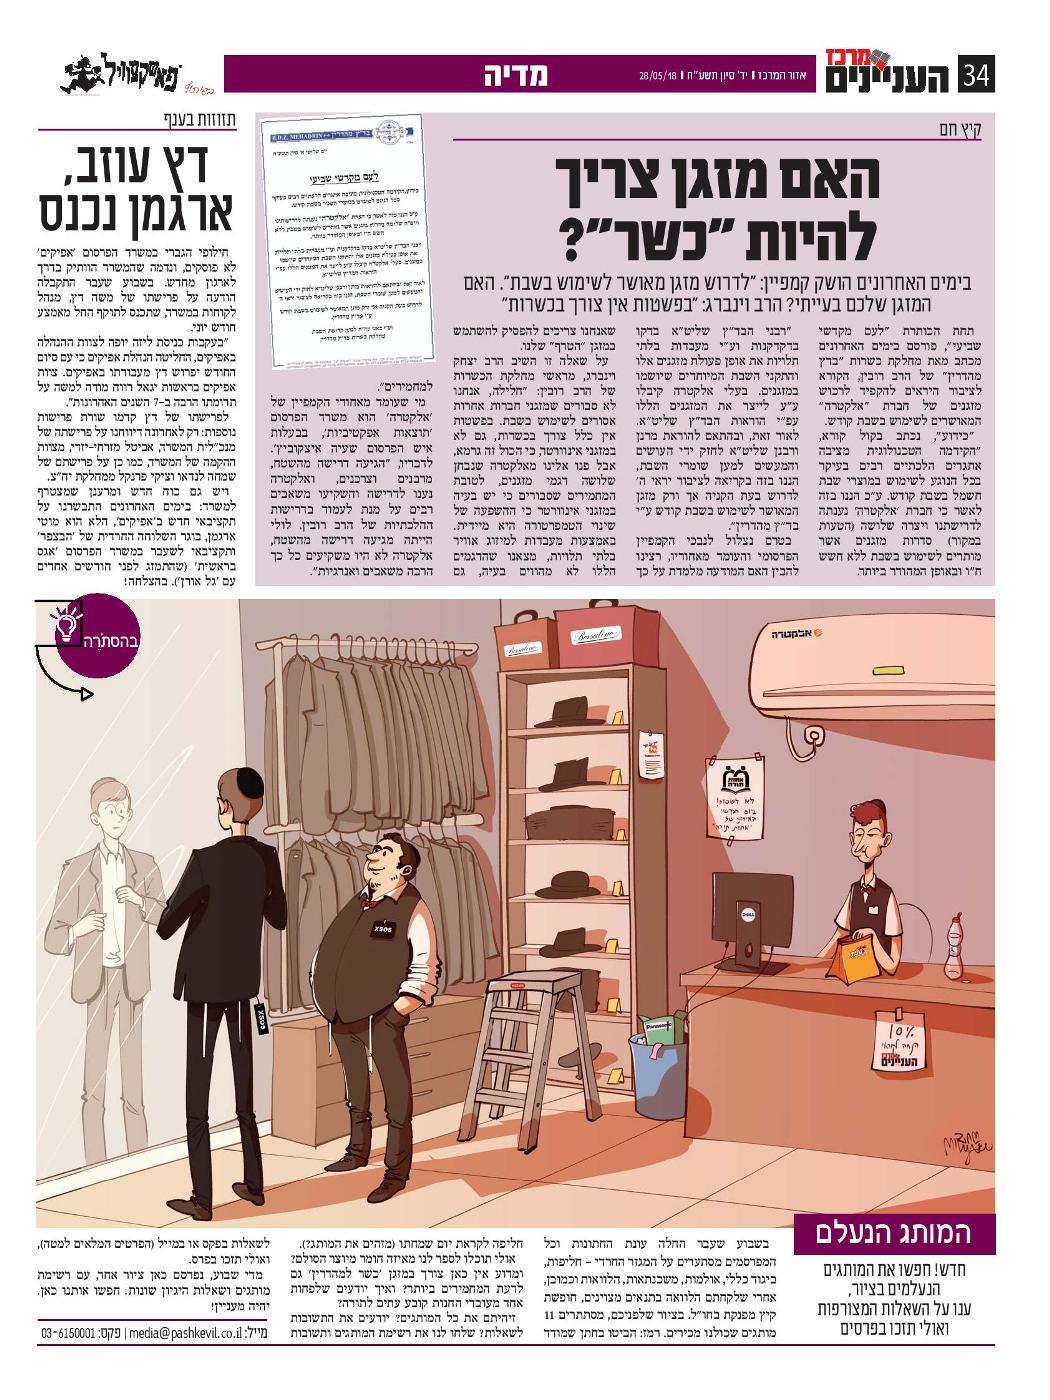 חדש: מדור מדיה בעיתון 'מרכז העניינים' בשיתוף 'פאשקעוויל' 1